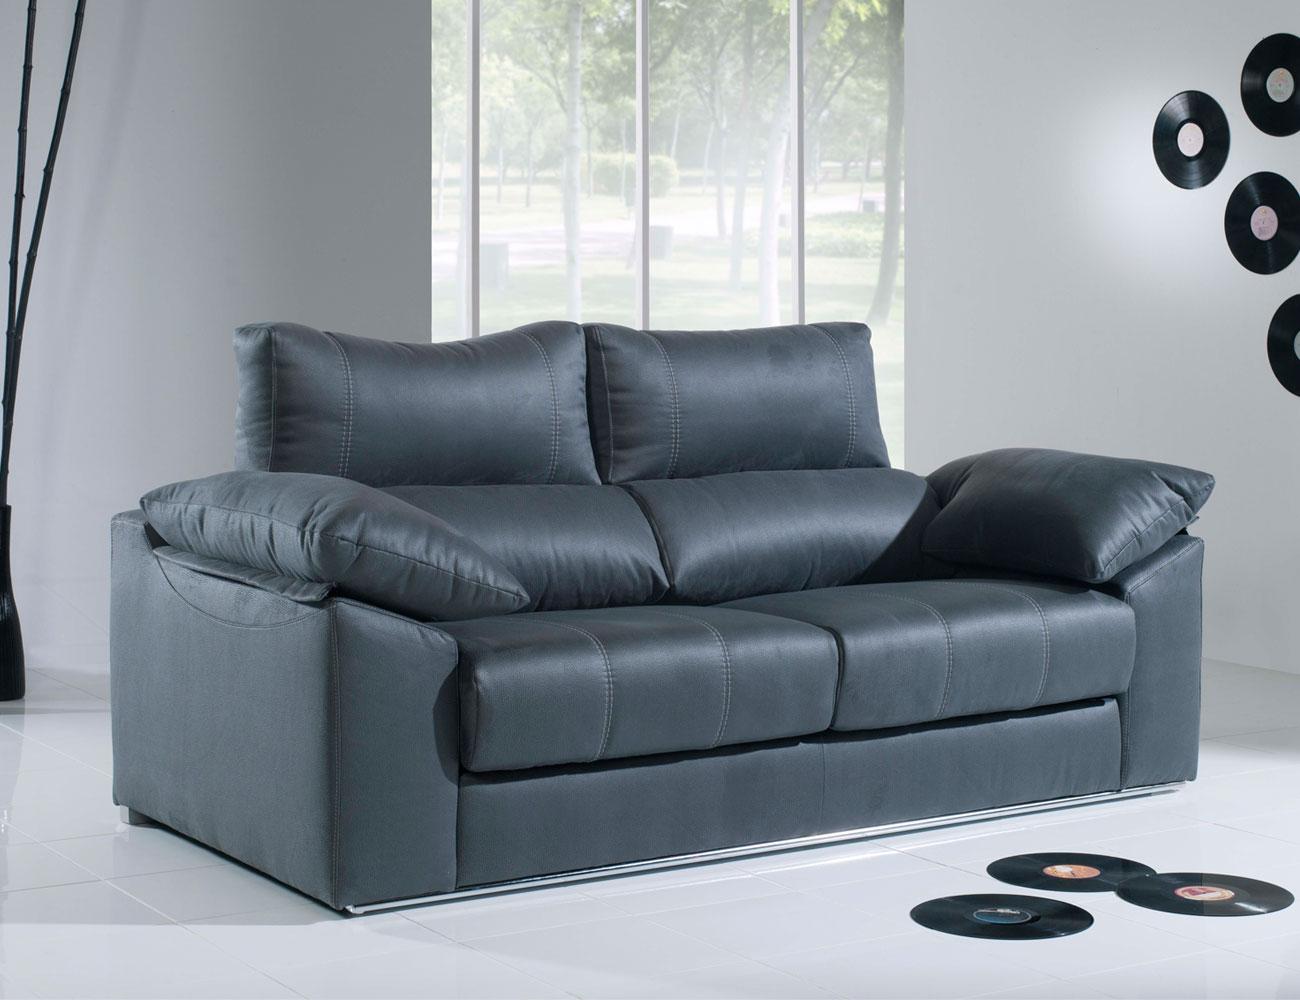 Sofa 3 plazas moderno con barra9